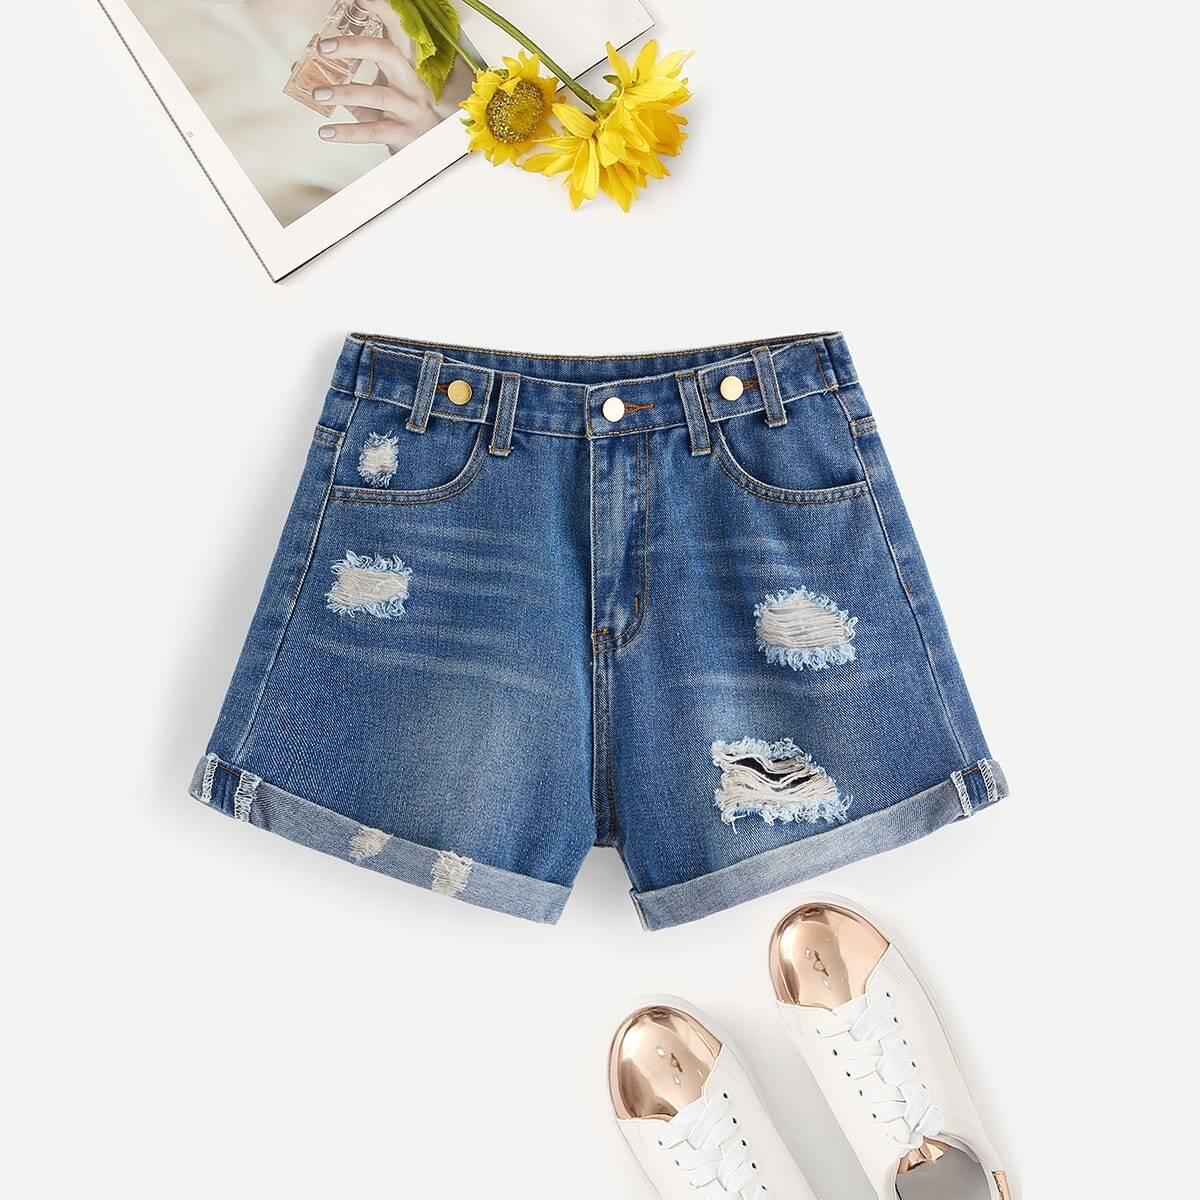 SHEIN / Jeans Shorts mit Bleichen Wäsche und gerolltem Saum